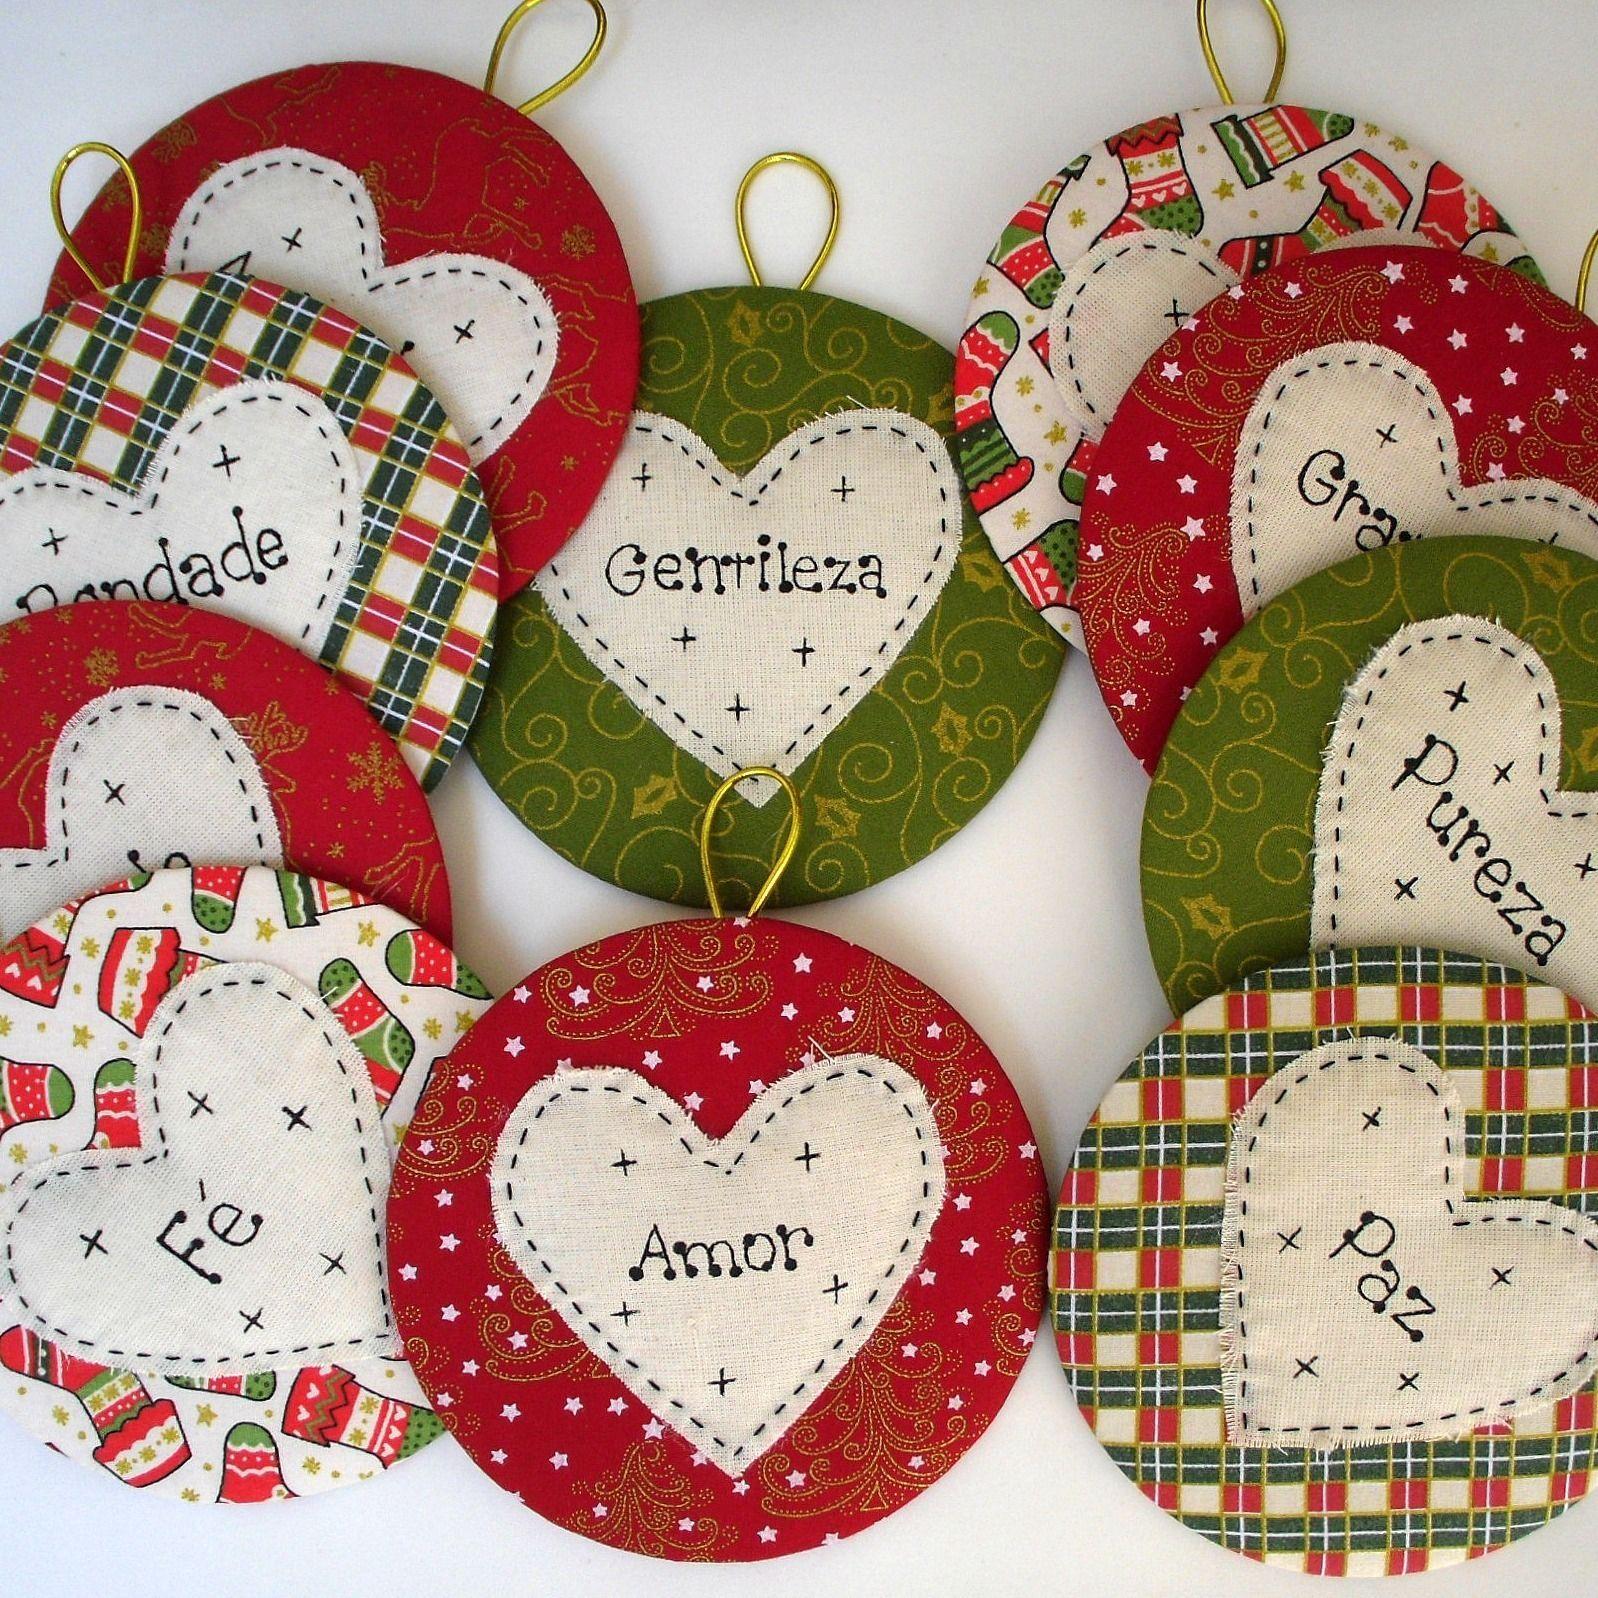 Veja 7 Dicas De Decoracao Sustentavel Para O Natal Artesanato De